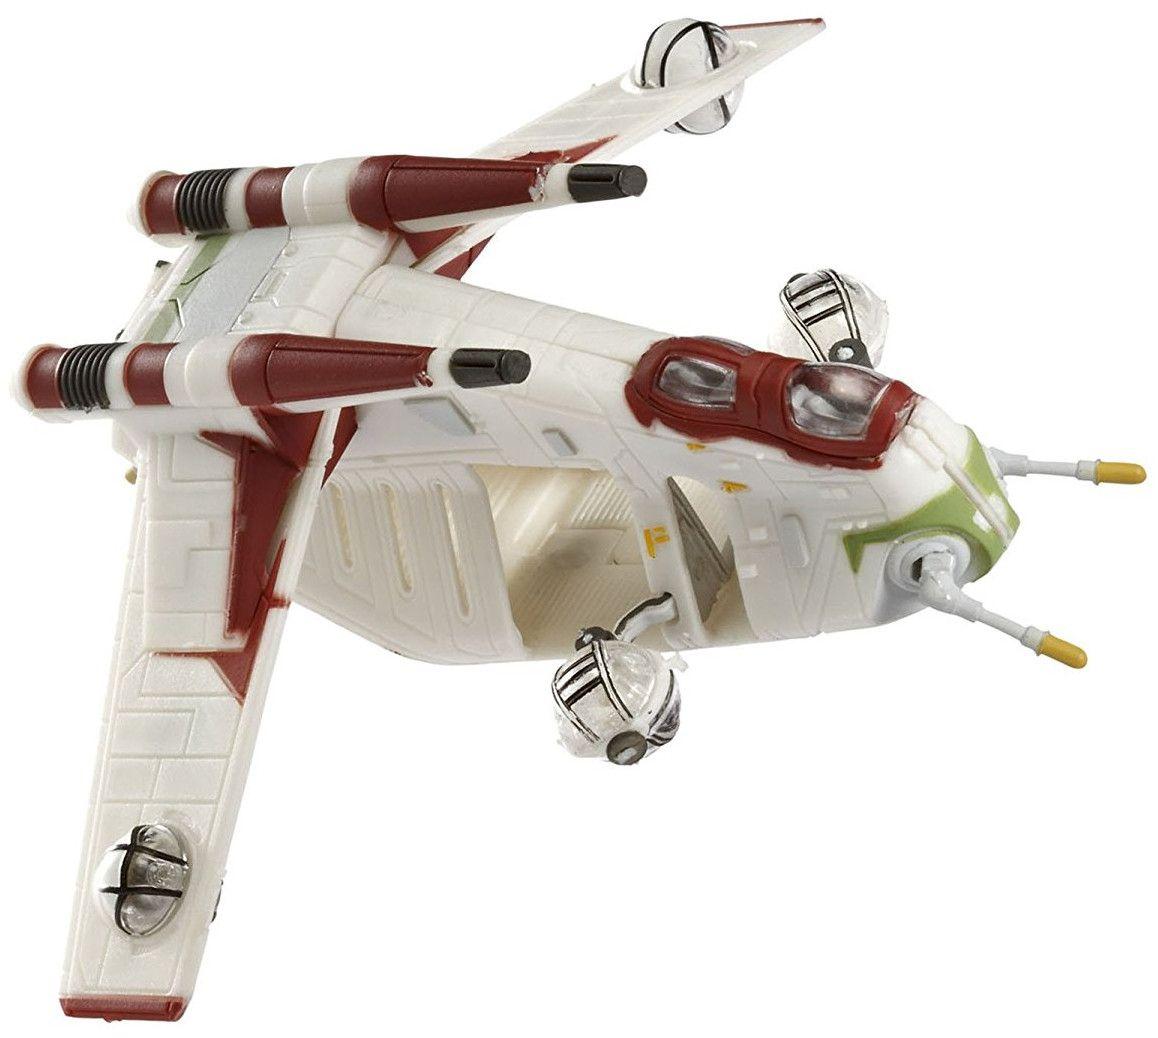 Сглобяем модел на космически кораб Revell Easykit Pocket STAR WARS - Republic Gunship (06729) - 2